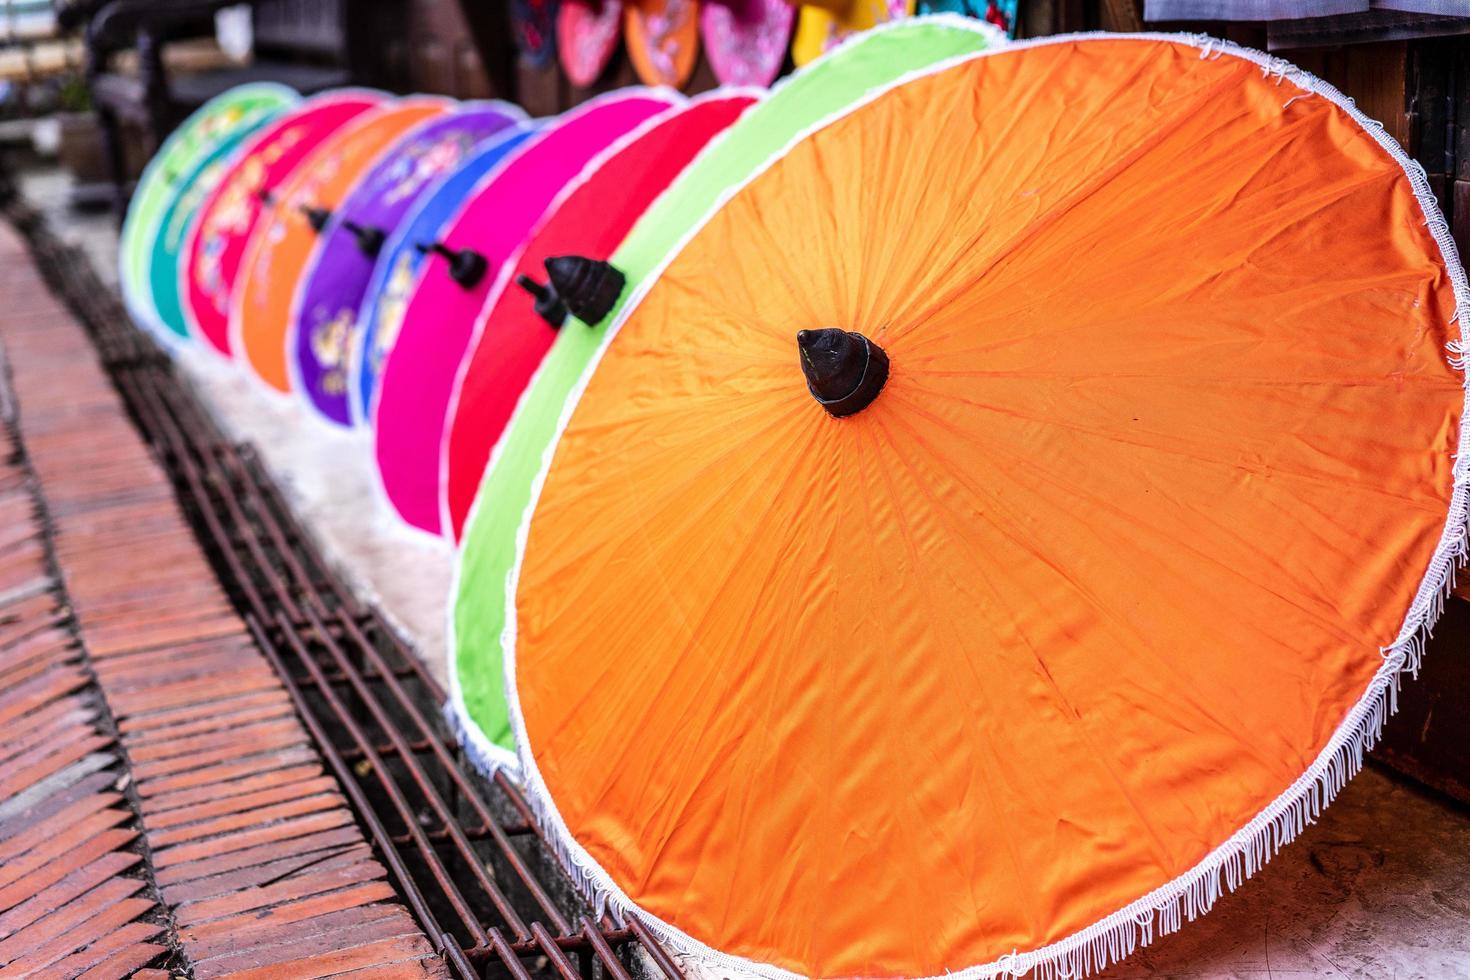 ombrelli realizzati con tessuti colorati foto